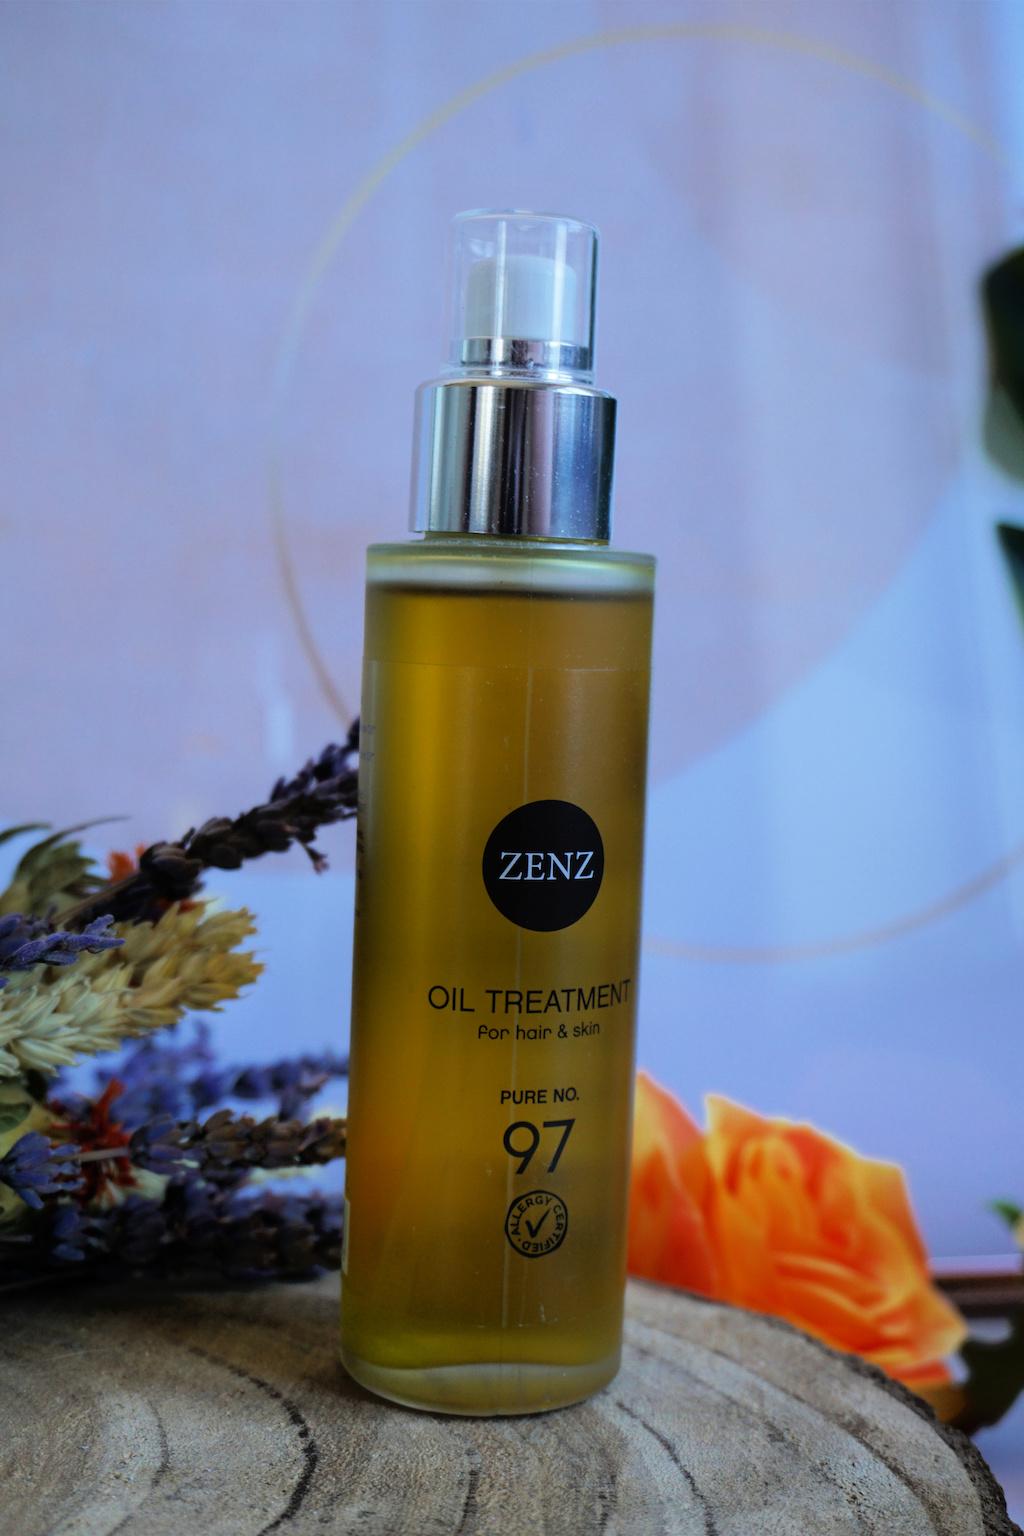 ZENZ Oil Treatment Pure no. 97 Review